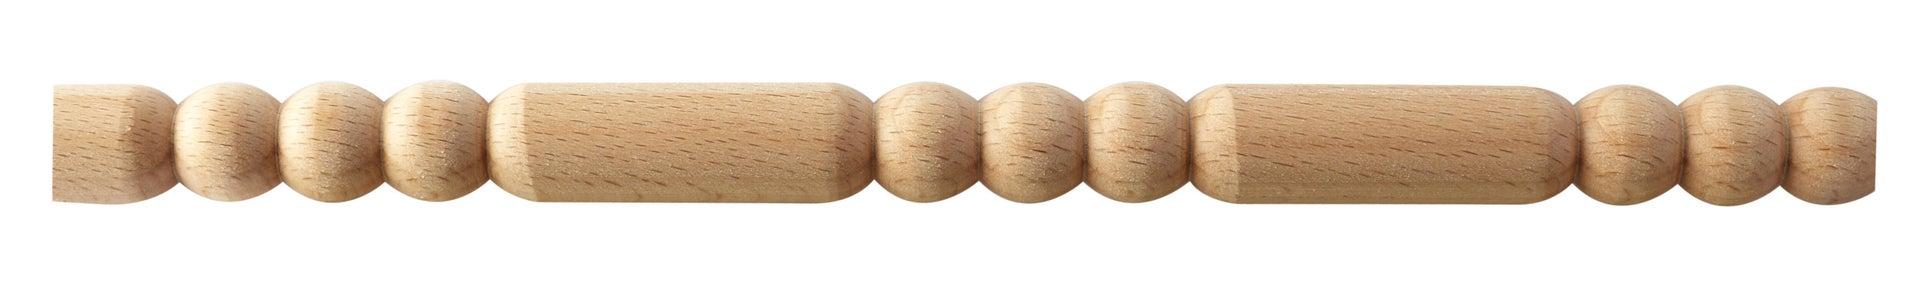 Asta rettangolare in faggio grezzo 1000 x 10.5 x 52.5 mm 5 pezzi - 2